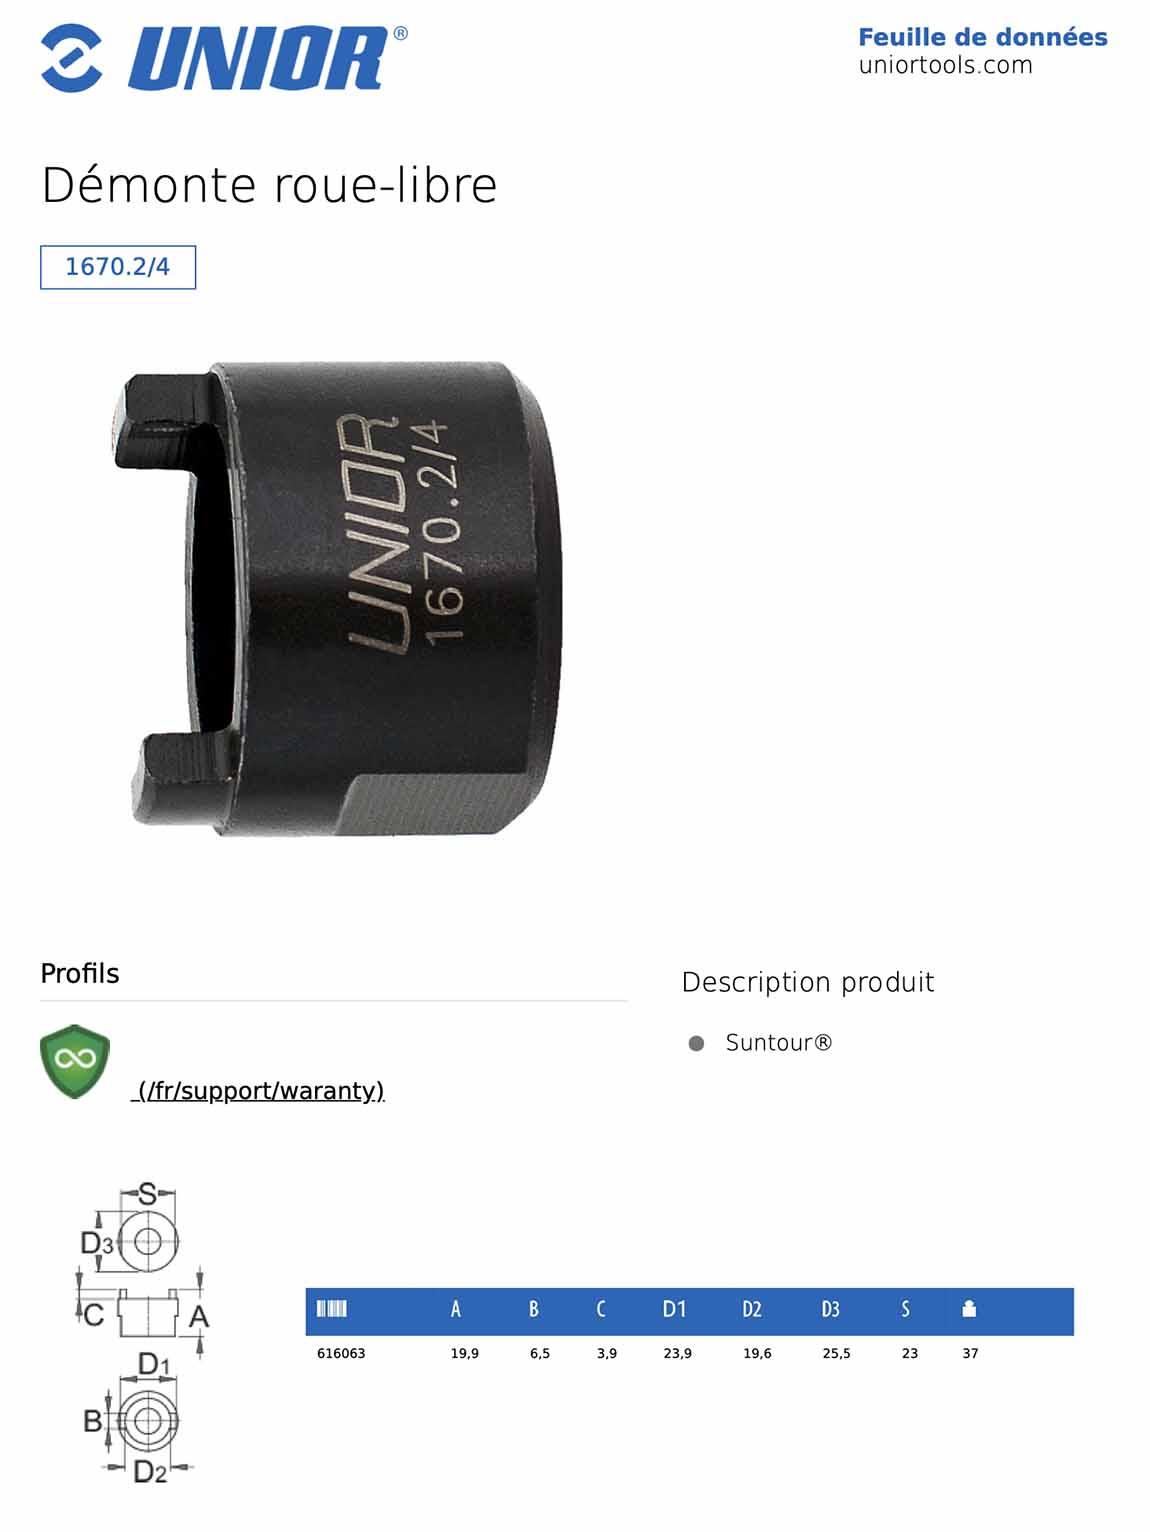 fiche démonte roue-libre suntour UNIOR1670.2/4